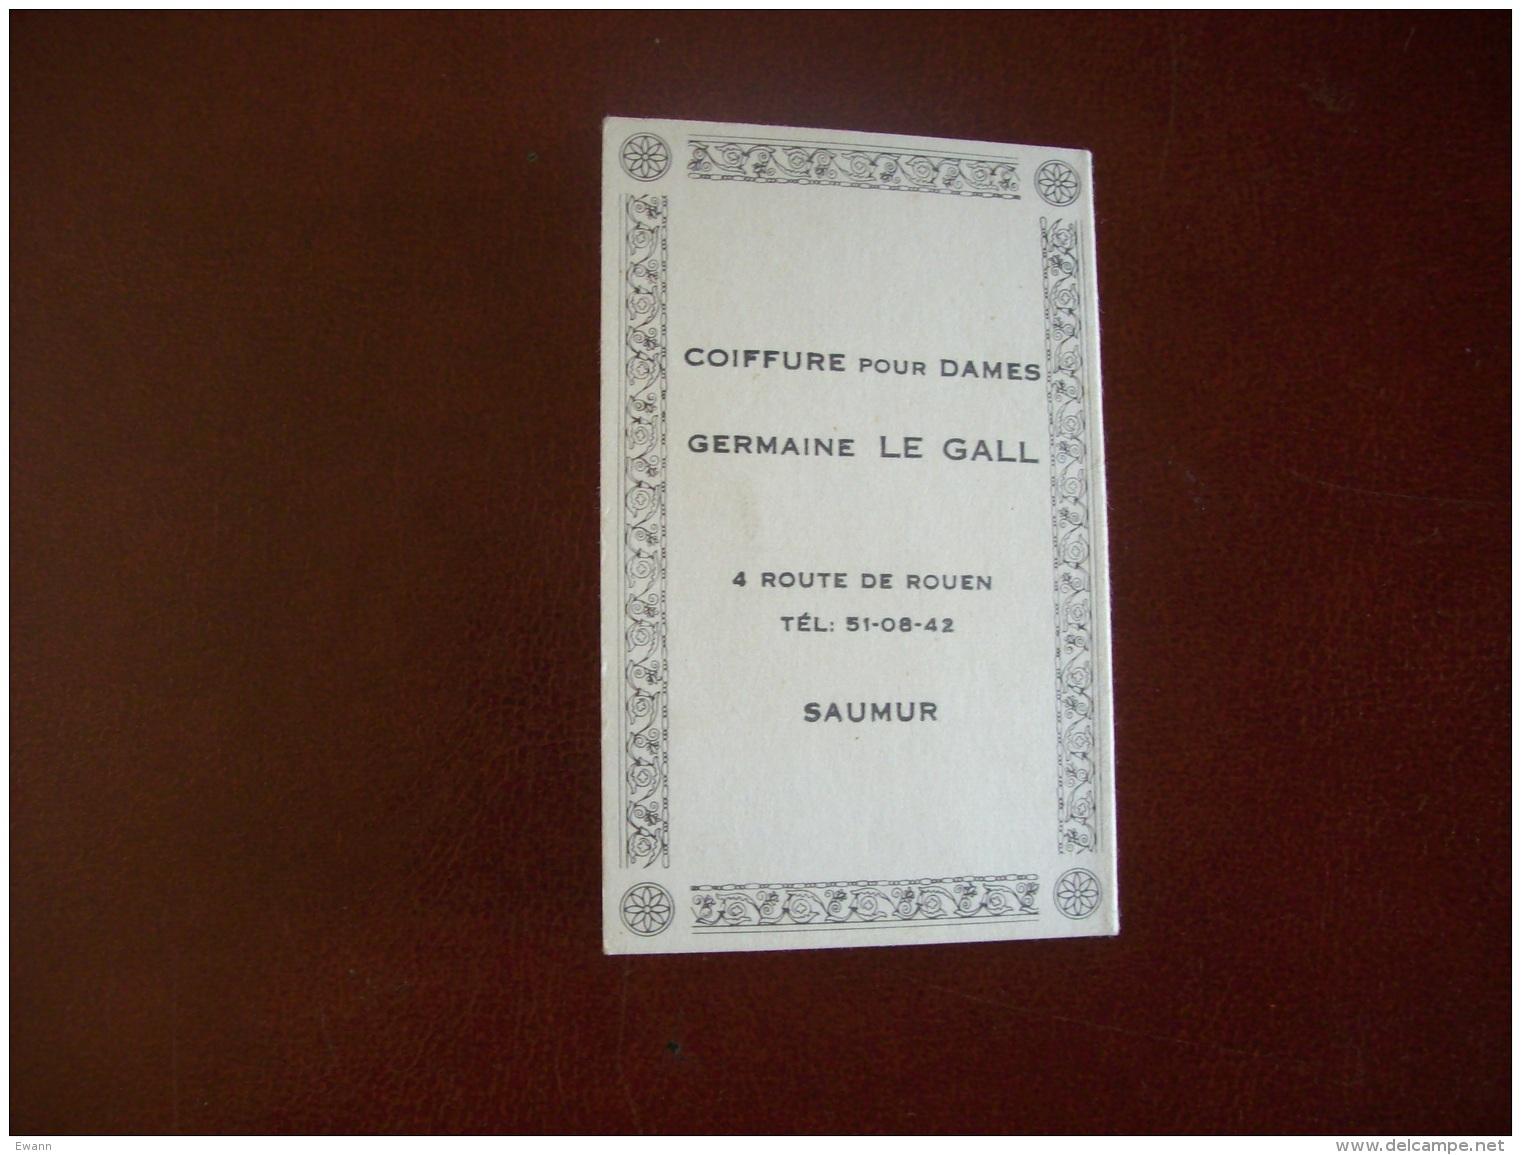 Calendrier Parfumé De 1966: Bernoues France, Parfum Espac, Cheramy, Paris-Publicité Coiffure G.Le Gall à Saumur (49) - Calendriers